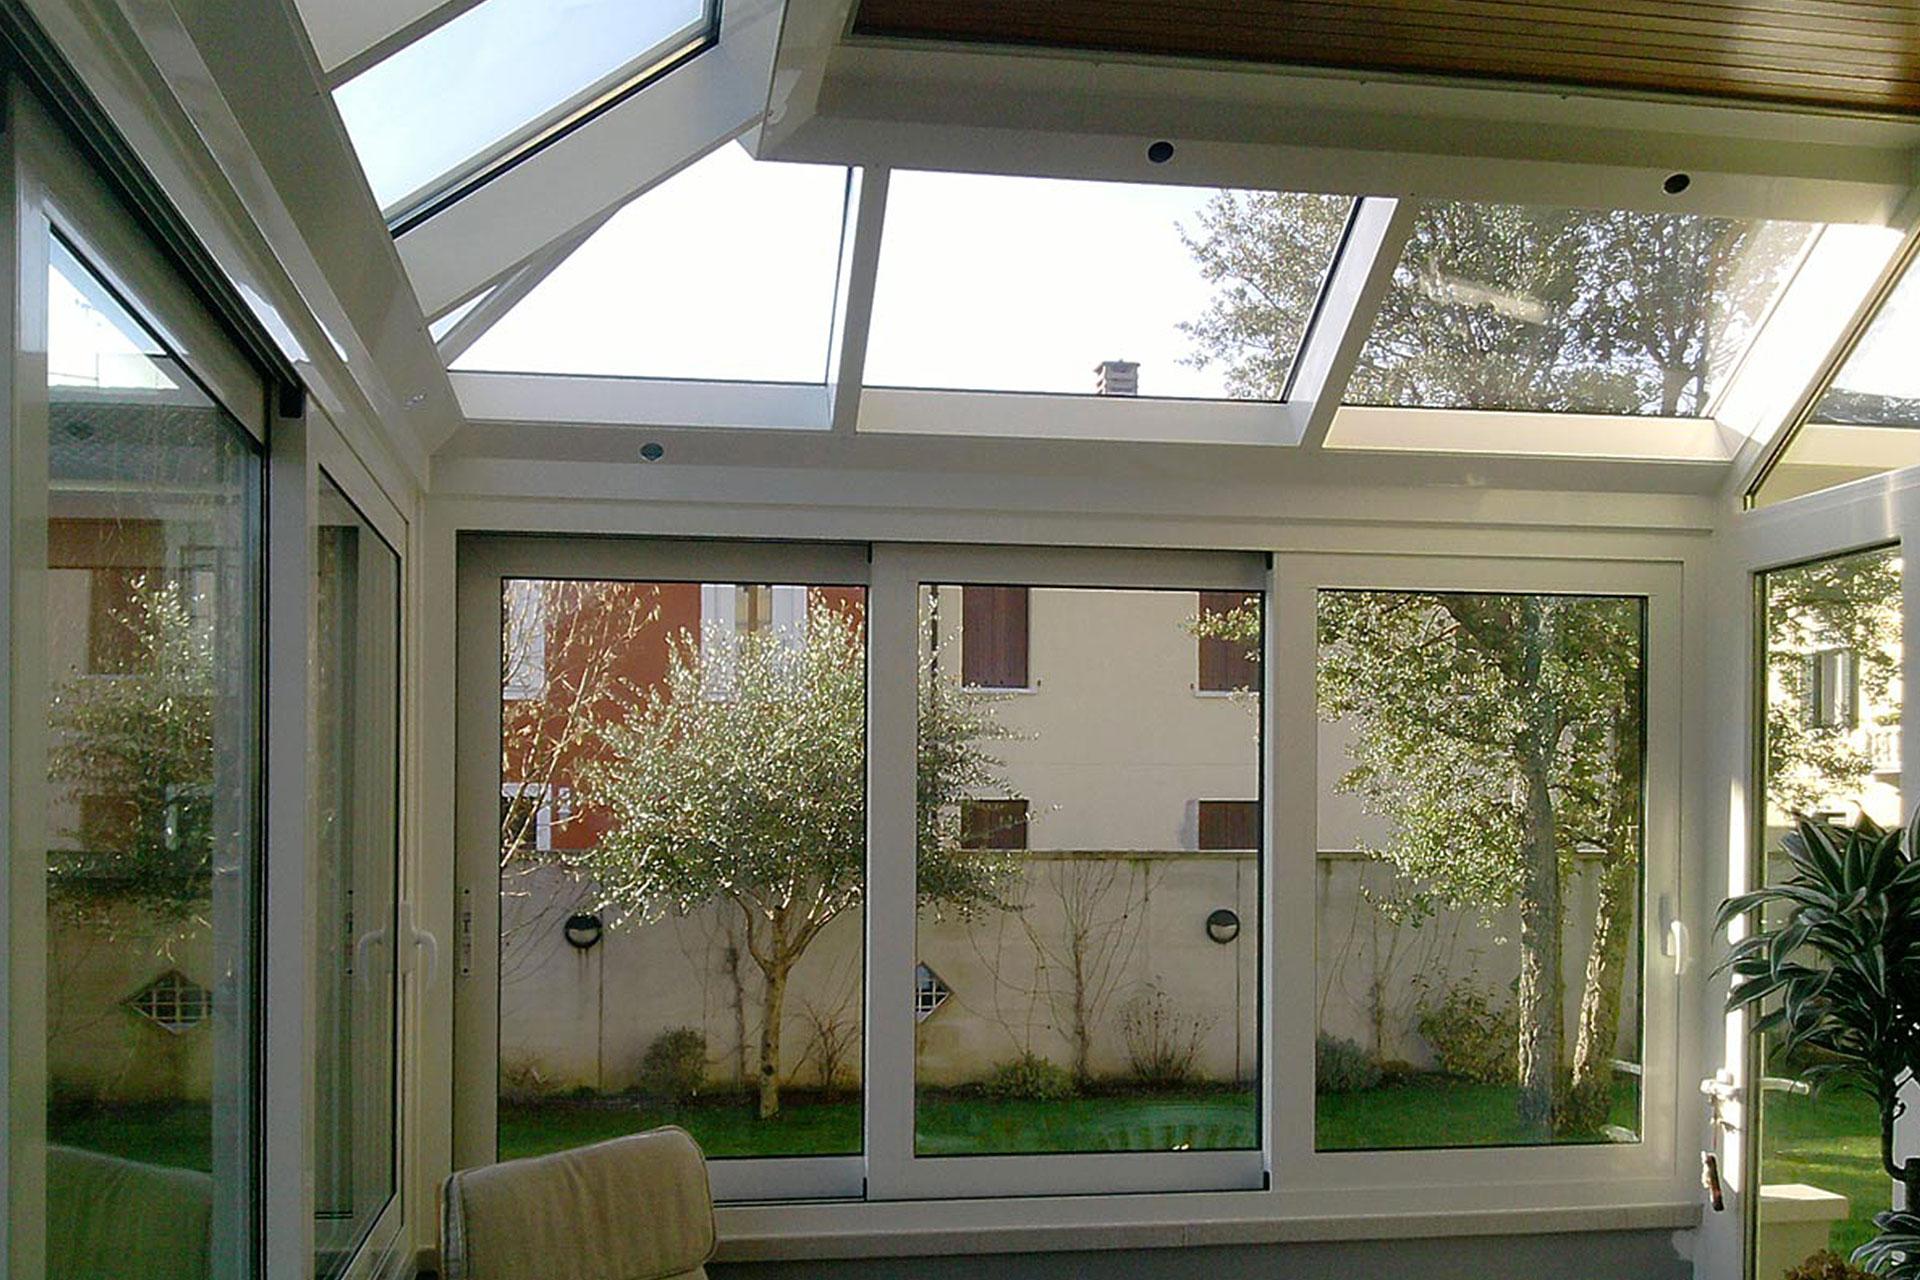 Giardino d'inverno winter garden serramenti alluminio taglio termico gorizia albo serramenti